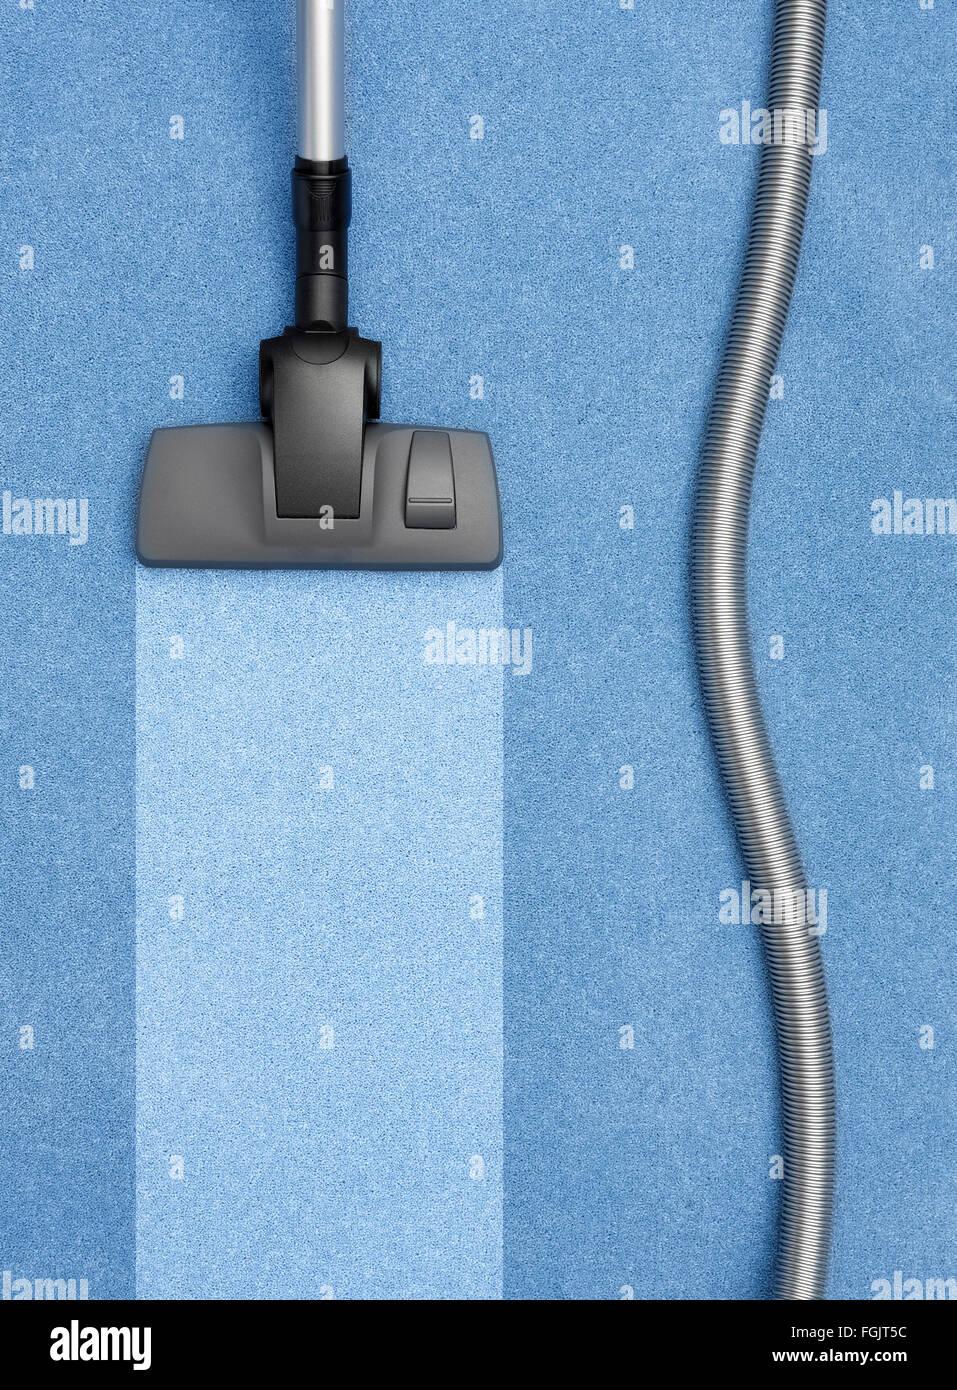 Aspirapolvere per la pulizia del tappeto Immagini Stock